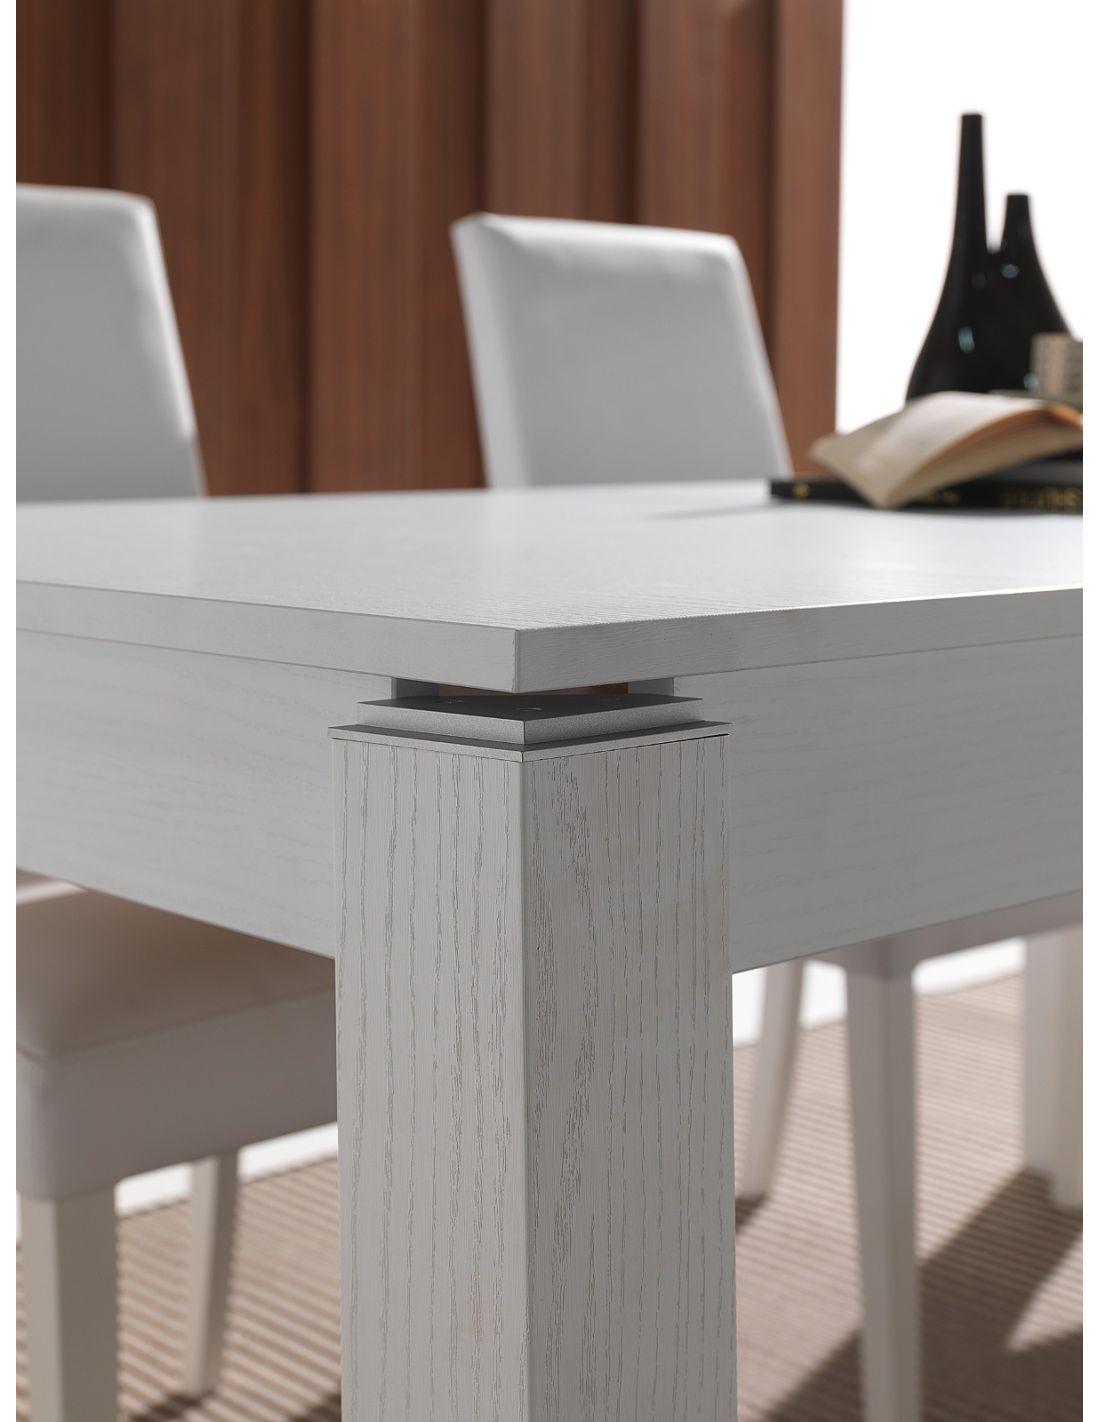 Tavolo cucina allungabile Stellan in legno bianco poro aperto 160 x ...